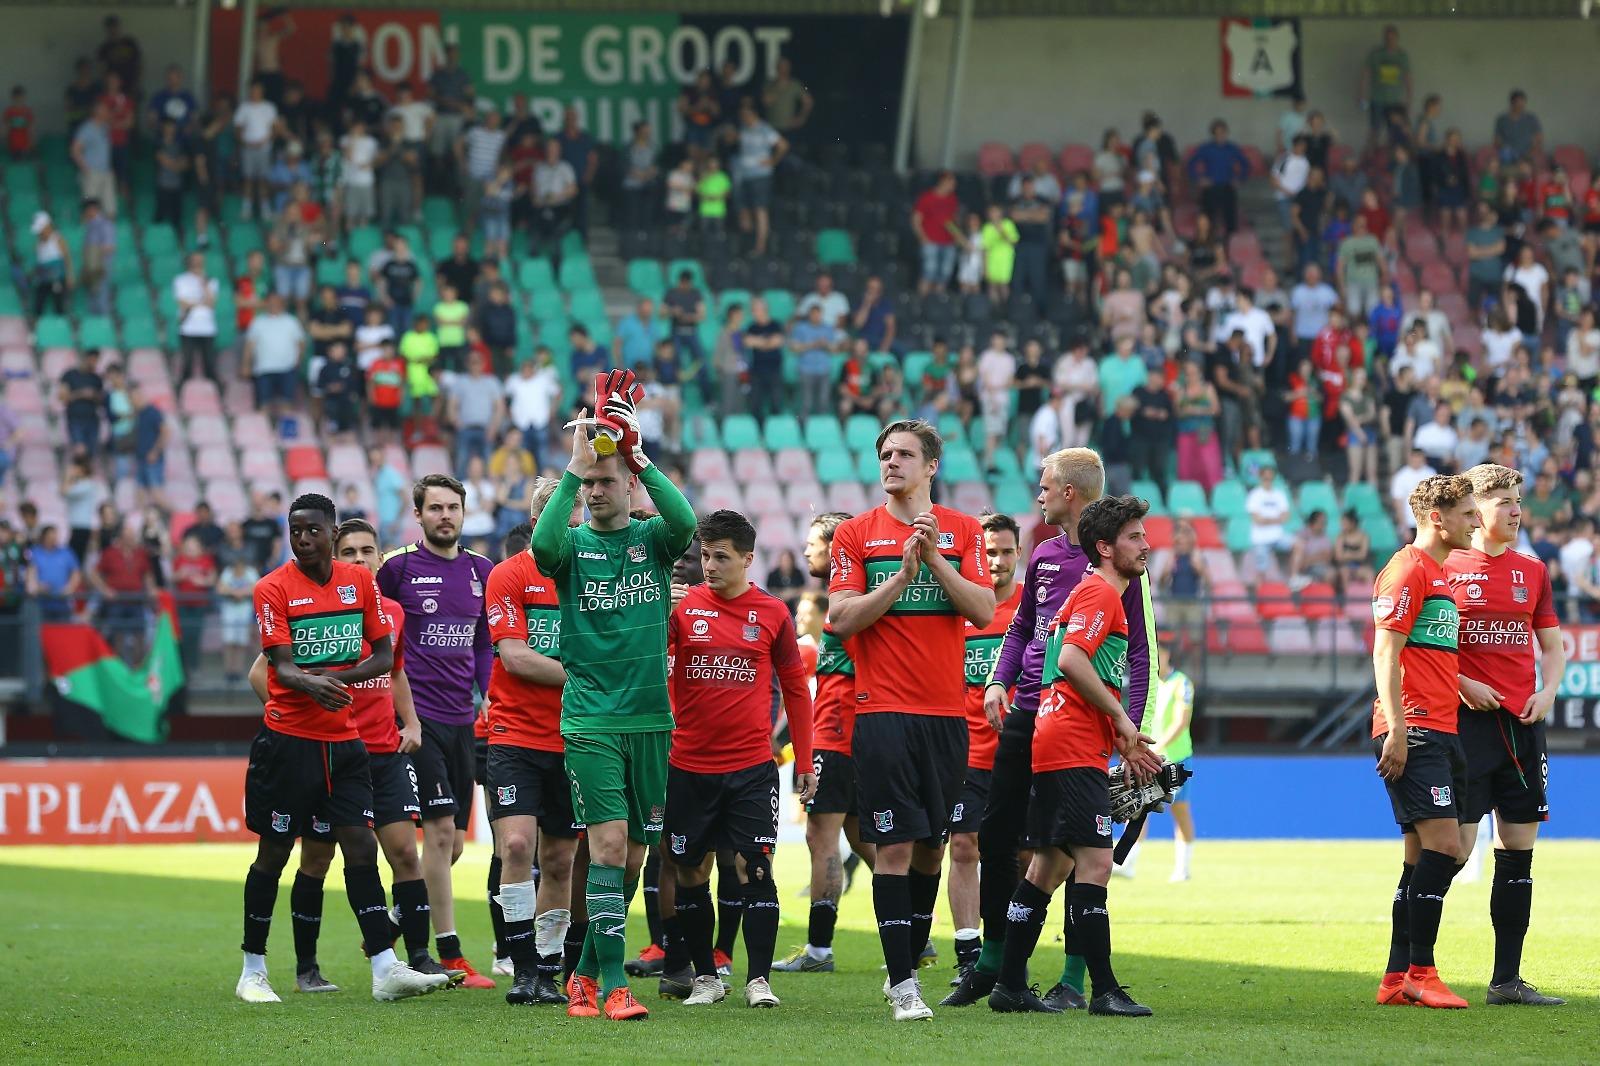 Voorbeschouwing: NEC ontvangt kampioen FC Twente